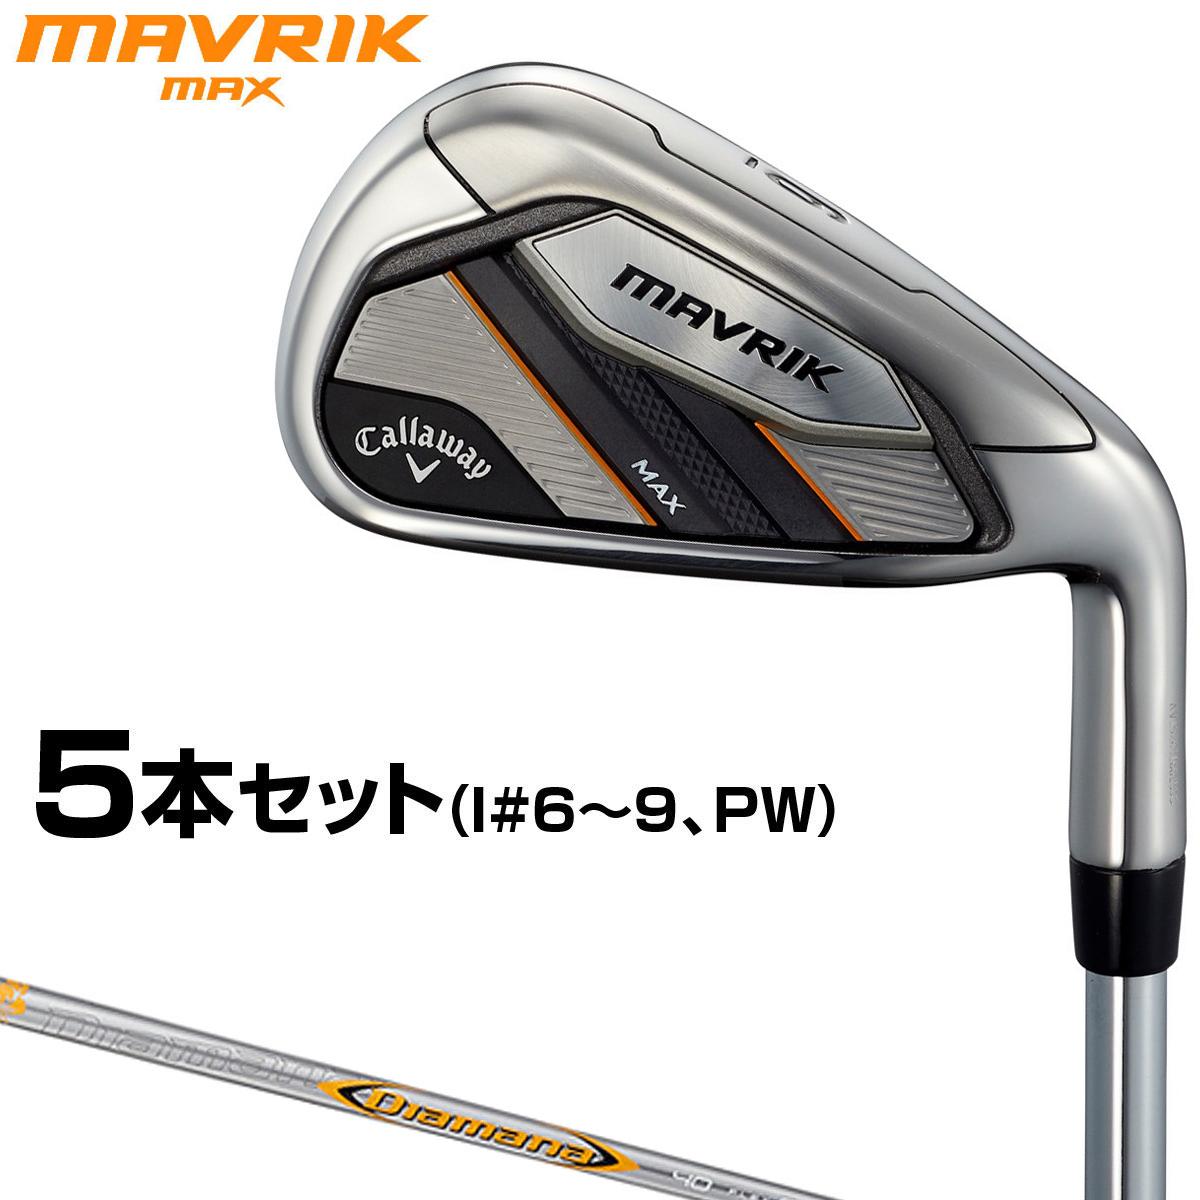 Callaway(キャロウェイ)日本正規品 MAVRIK MAX(マーベリックマックス)アイアン 2020新製品 Diamana 40 for Callawayカーボンシャフト 5本セット(I#6~9、PW) 【あす楽対応】